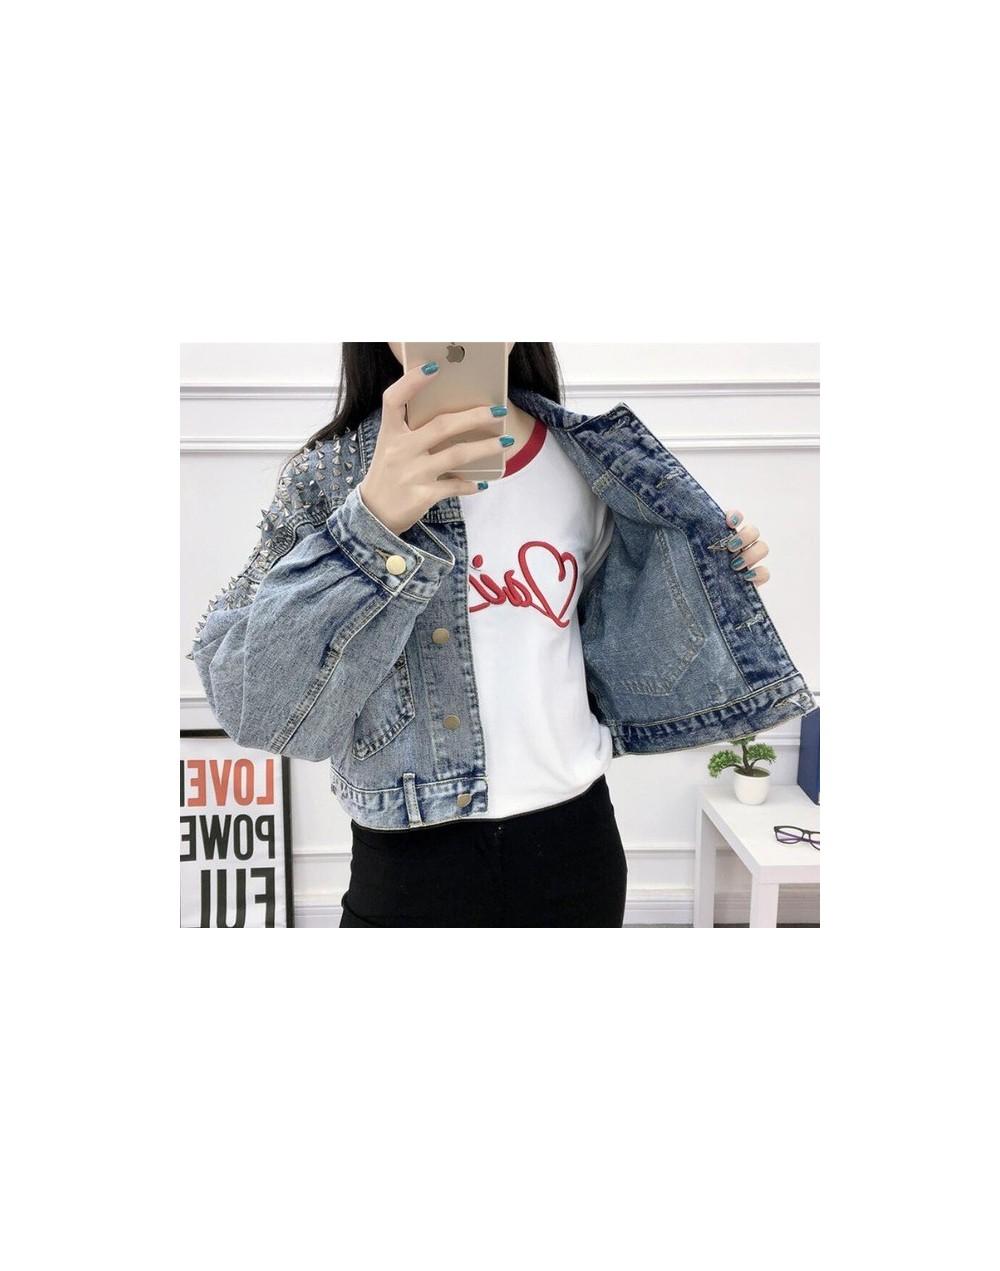 Retro Women's Denim Jacket With Rivet 2019 Spring Streetwear Long Sleeve Pockets Ladies Jean Jackets Loose Short Outwear Fem...